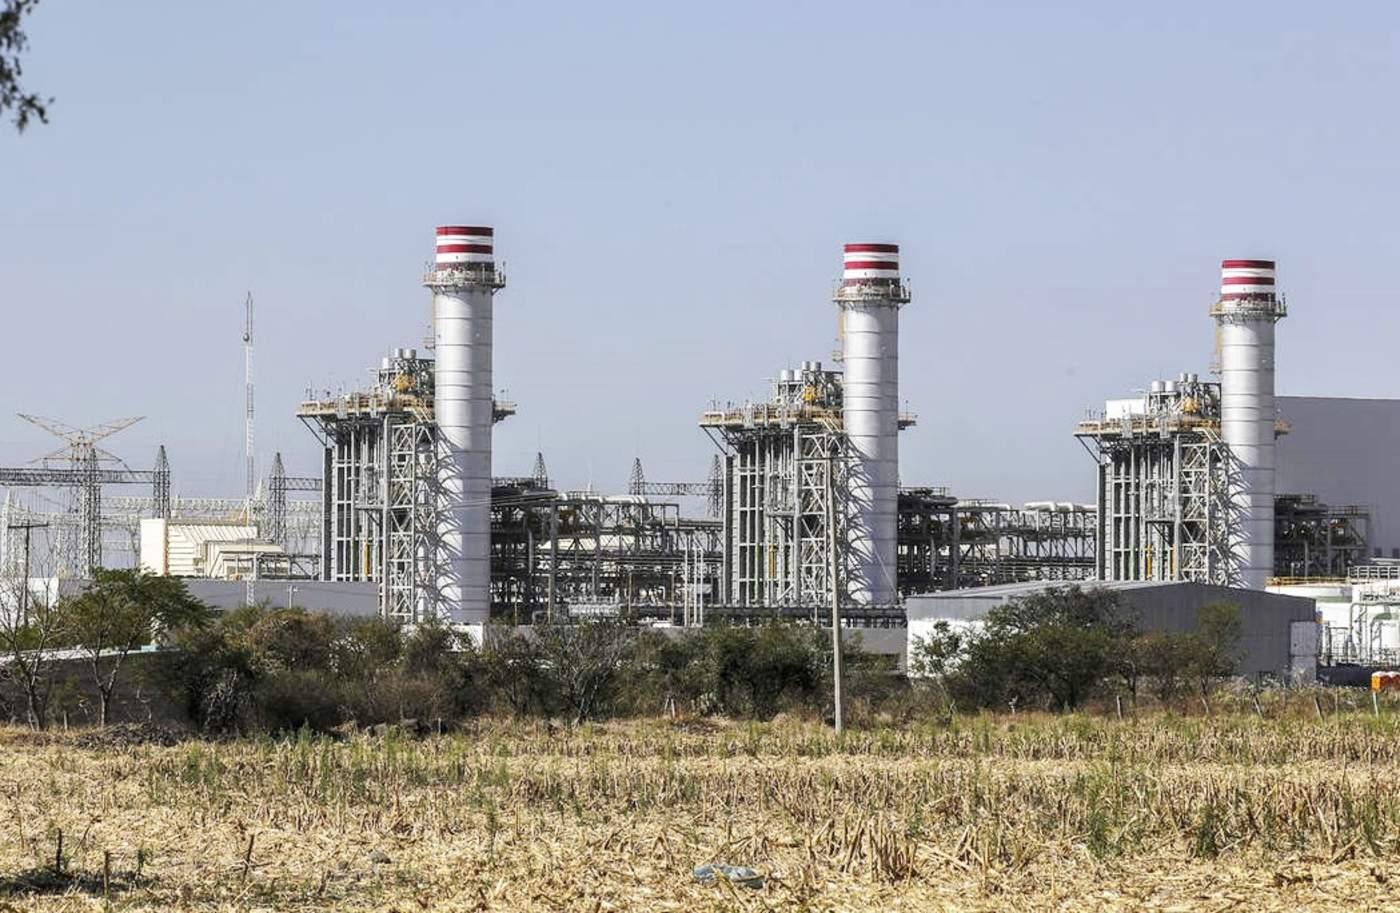 Analistas del sector energético advierten riesgos en la generación de energía eléctrica a partir del 2021 debido a la cancelación de la cuarta subasta eléctrica de largo plazo y de las líneas de transmisión en el sureste del país.  (ARCHIVO)